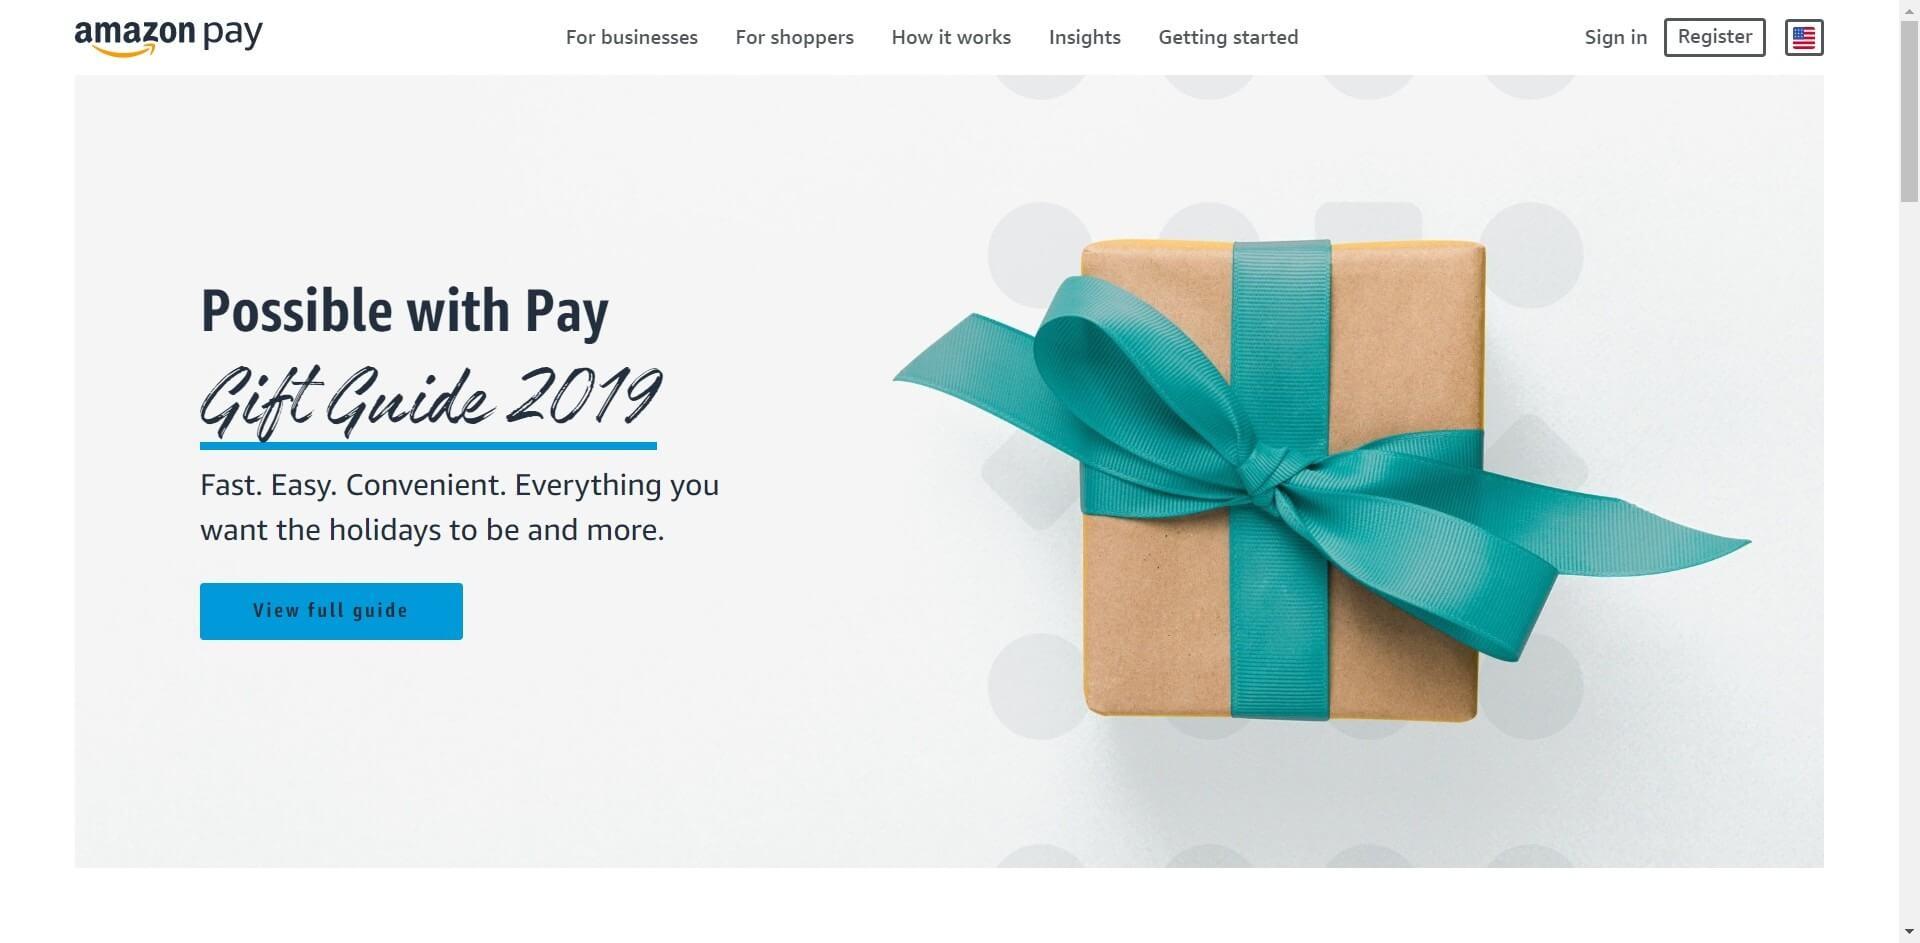 AmazonPay image